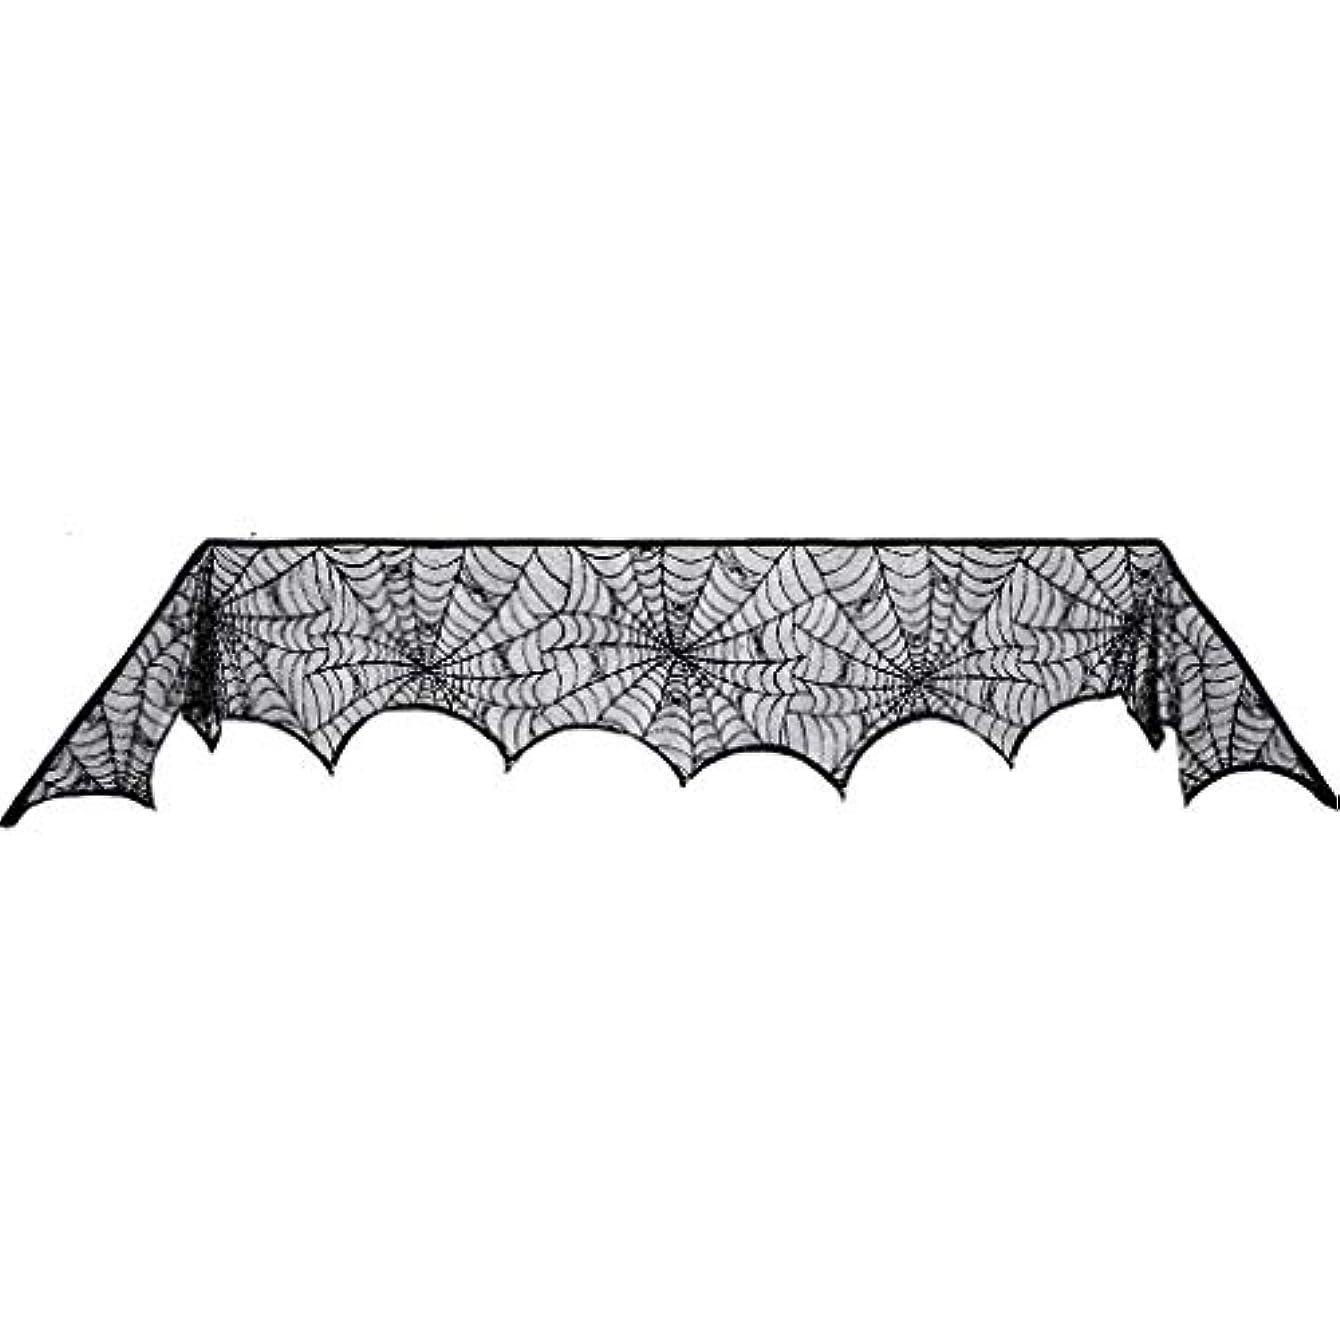 羽泥だらけ膨らませるハロウィンの黒いレースのクモの巣の暖炉のマントルスカーフカバー、ハロウィンの小道具の装飾